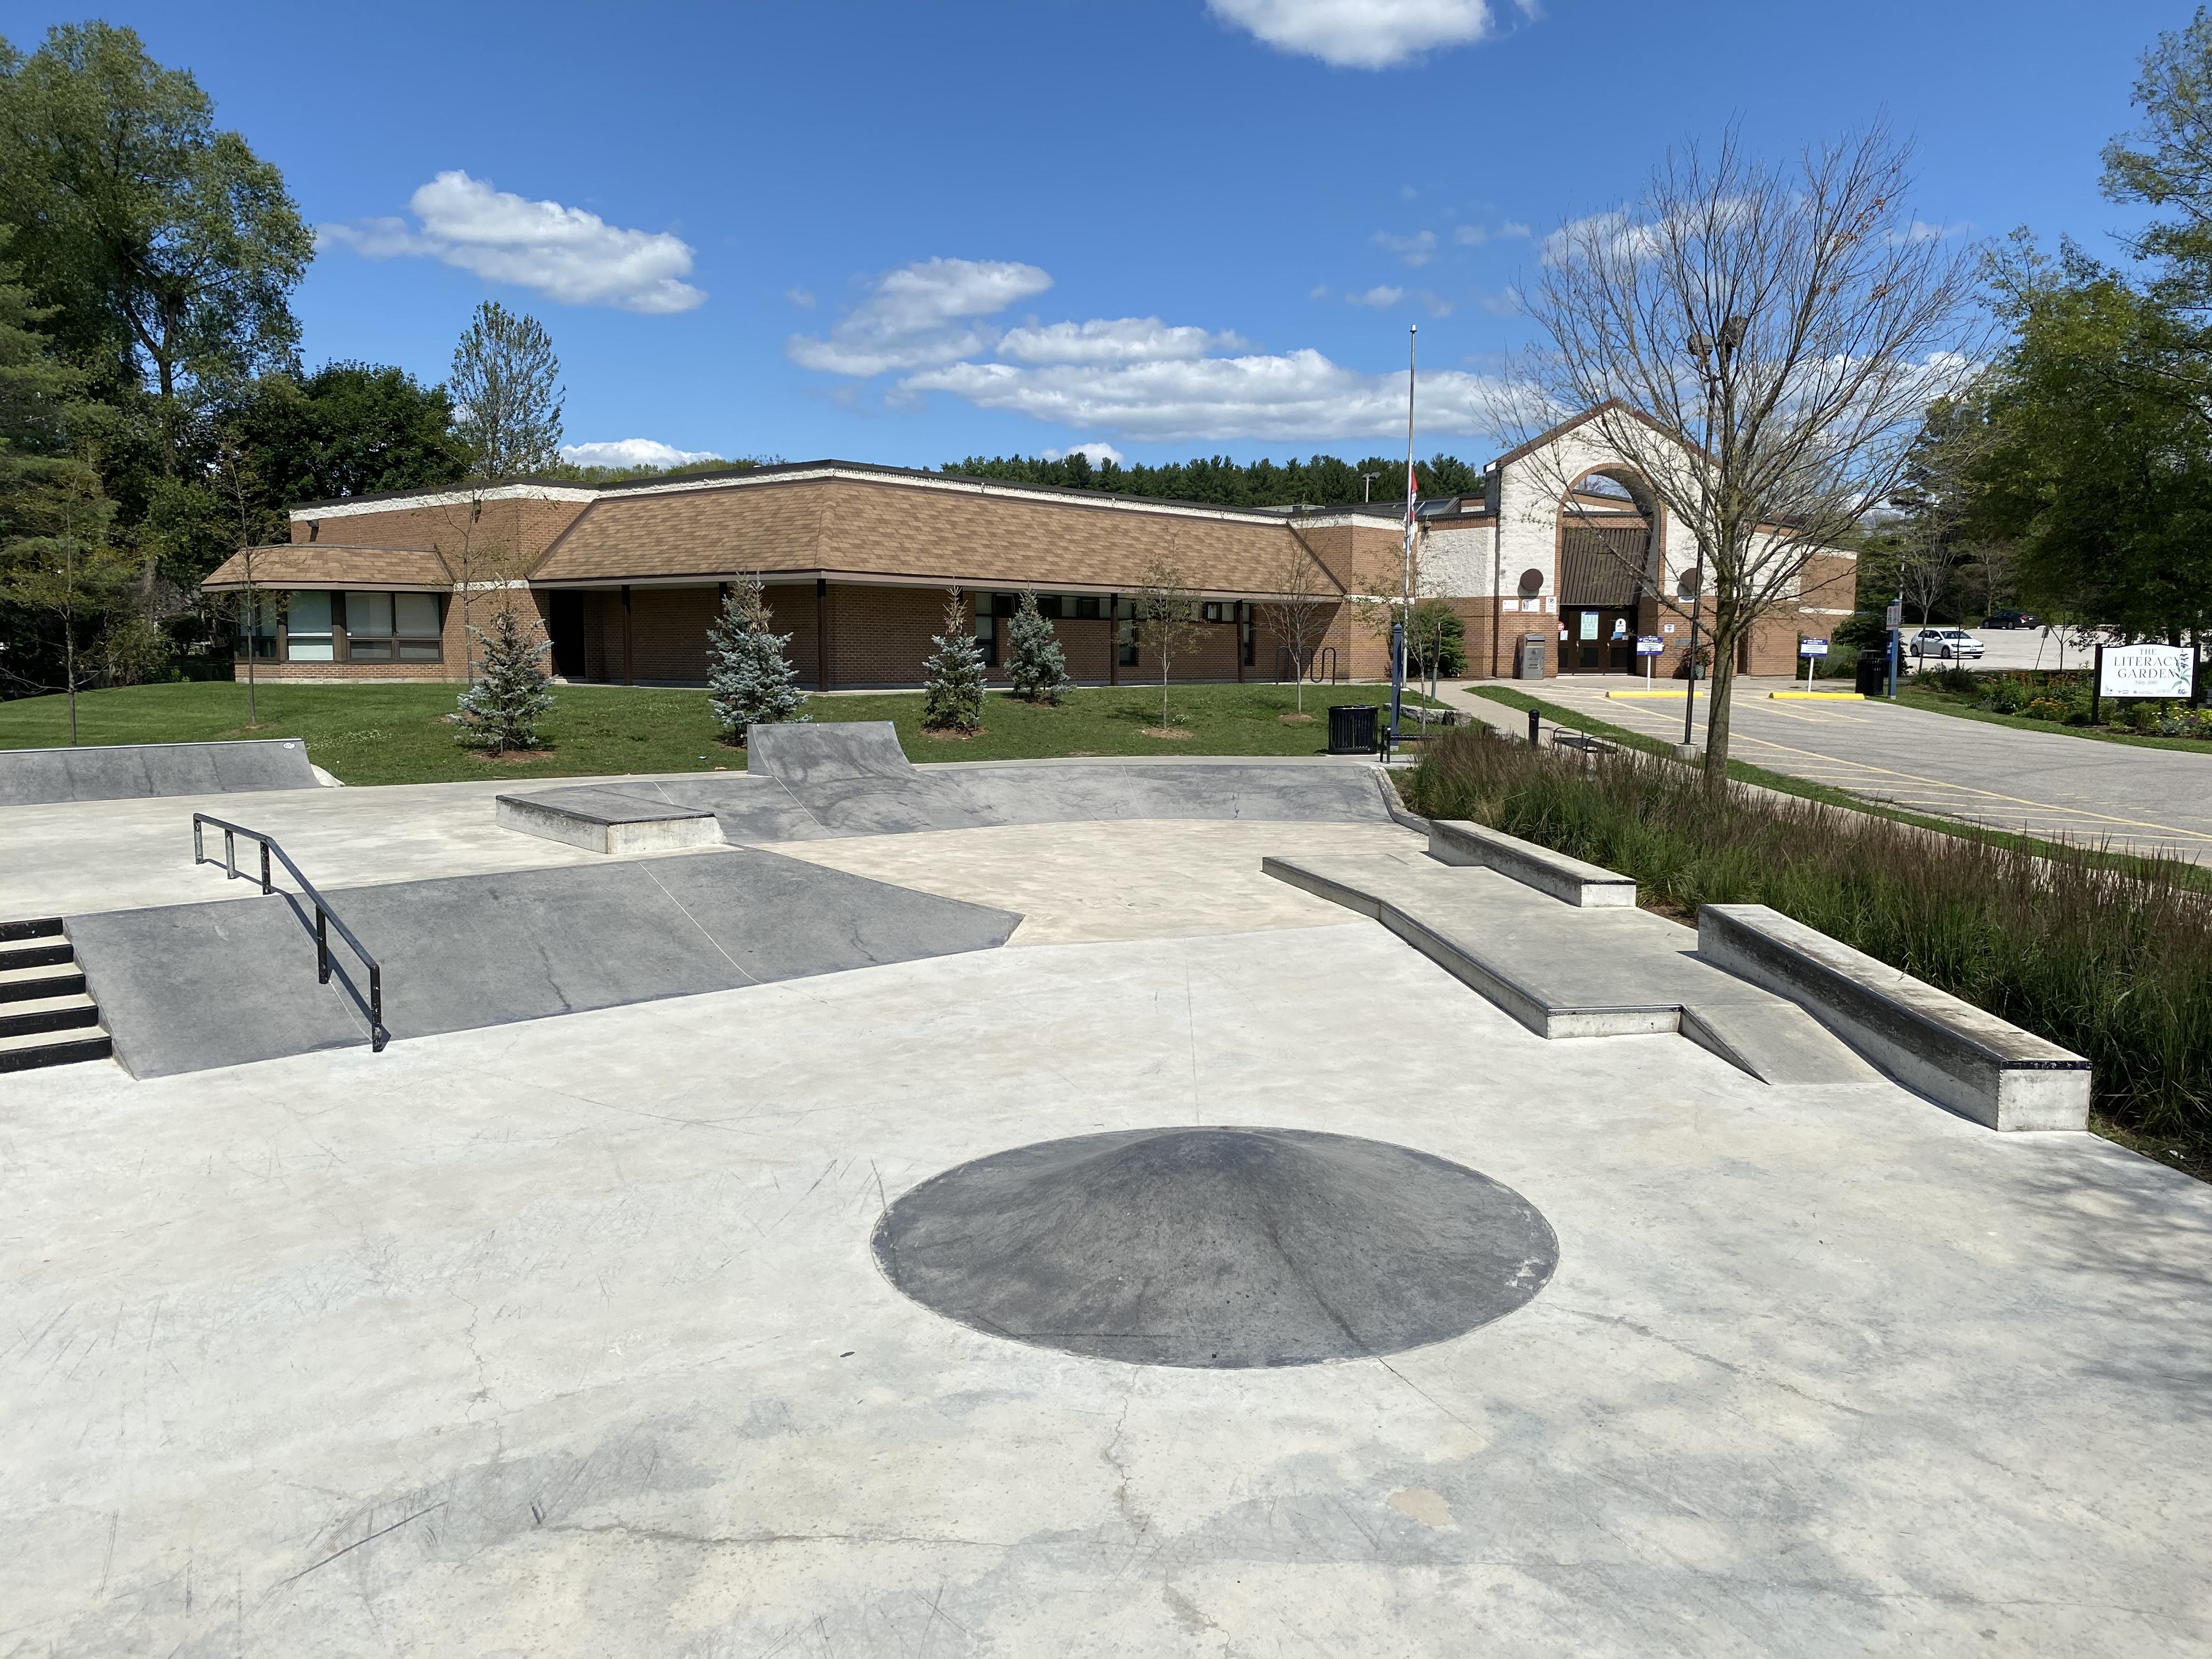 holland landing skatepark from the rear